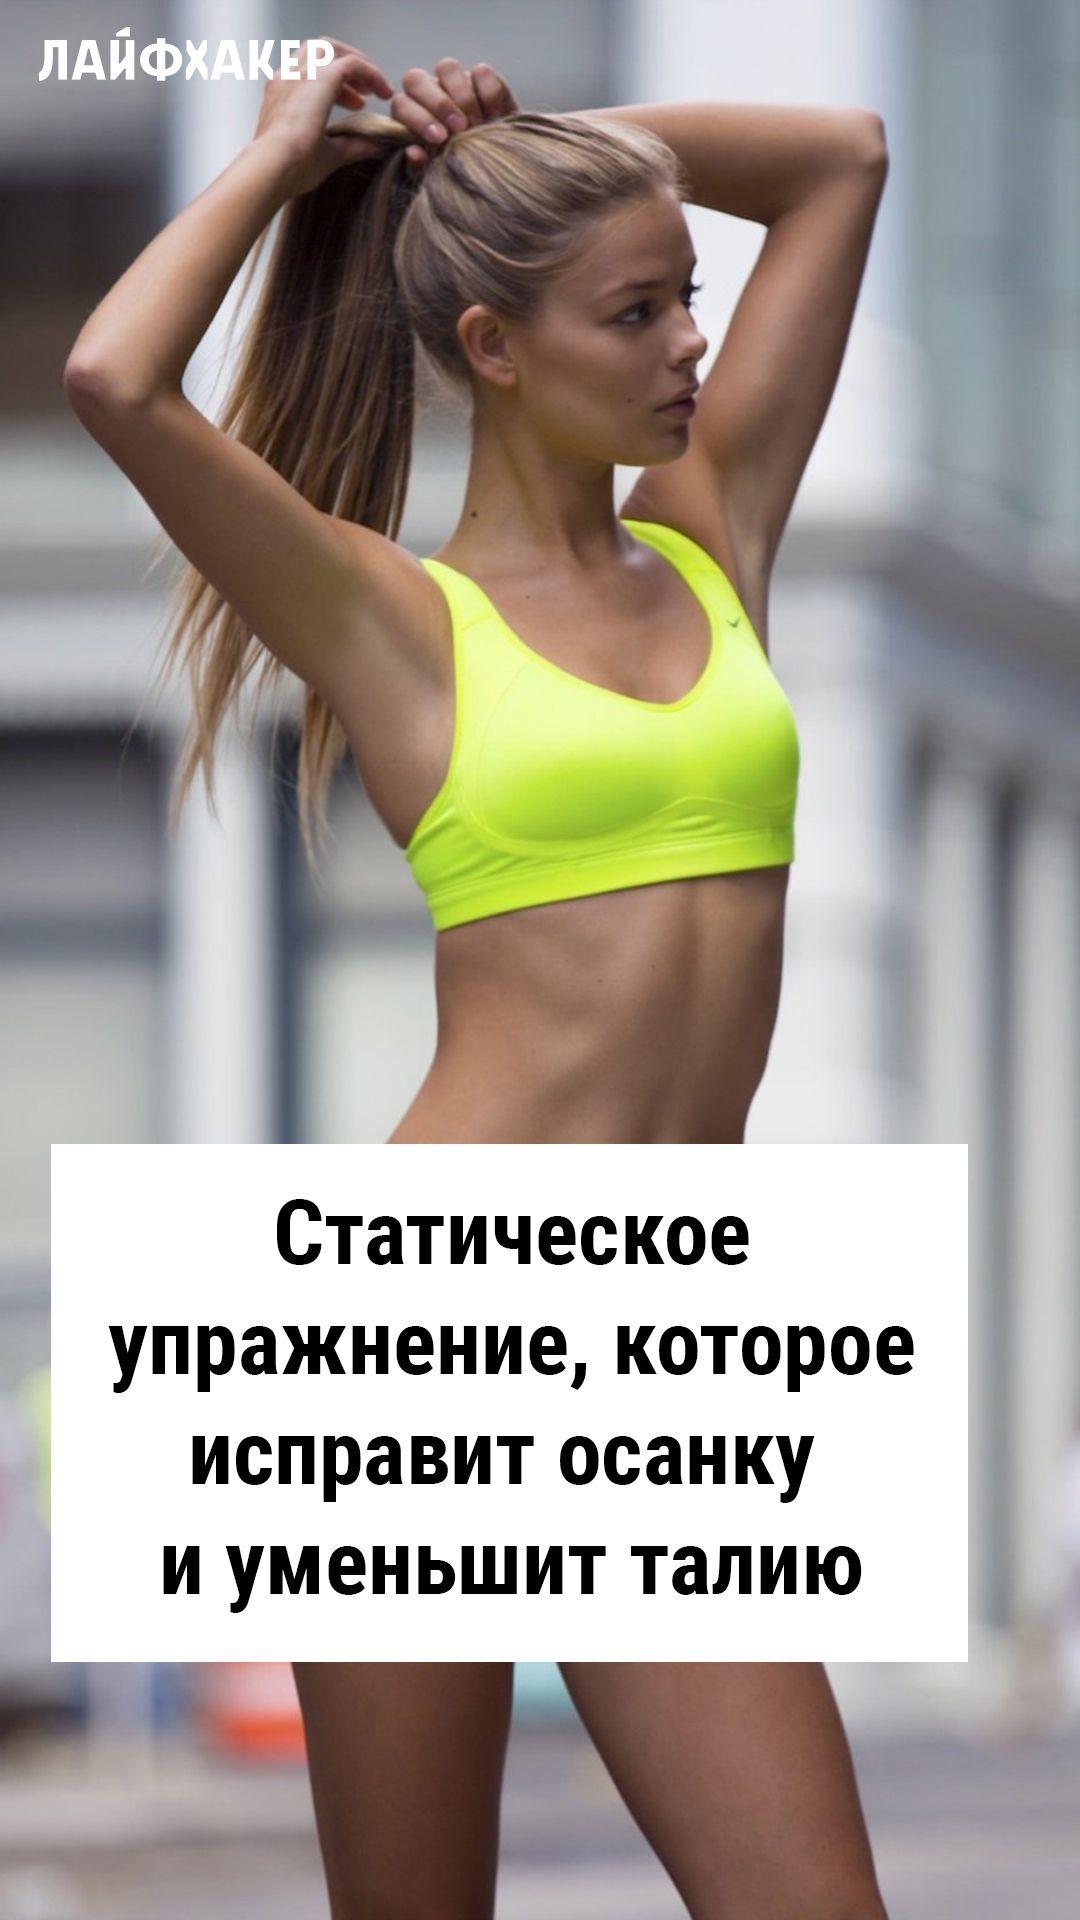 Виды упражнений для здоровья. самые важные и простые.